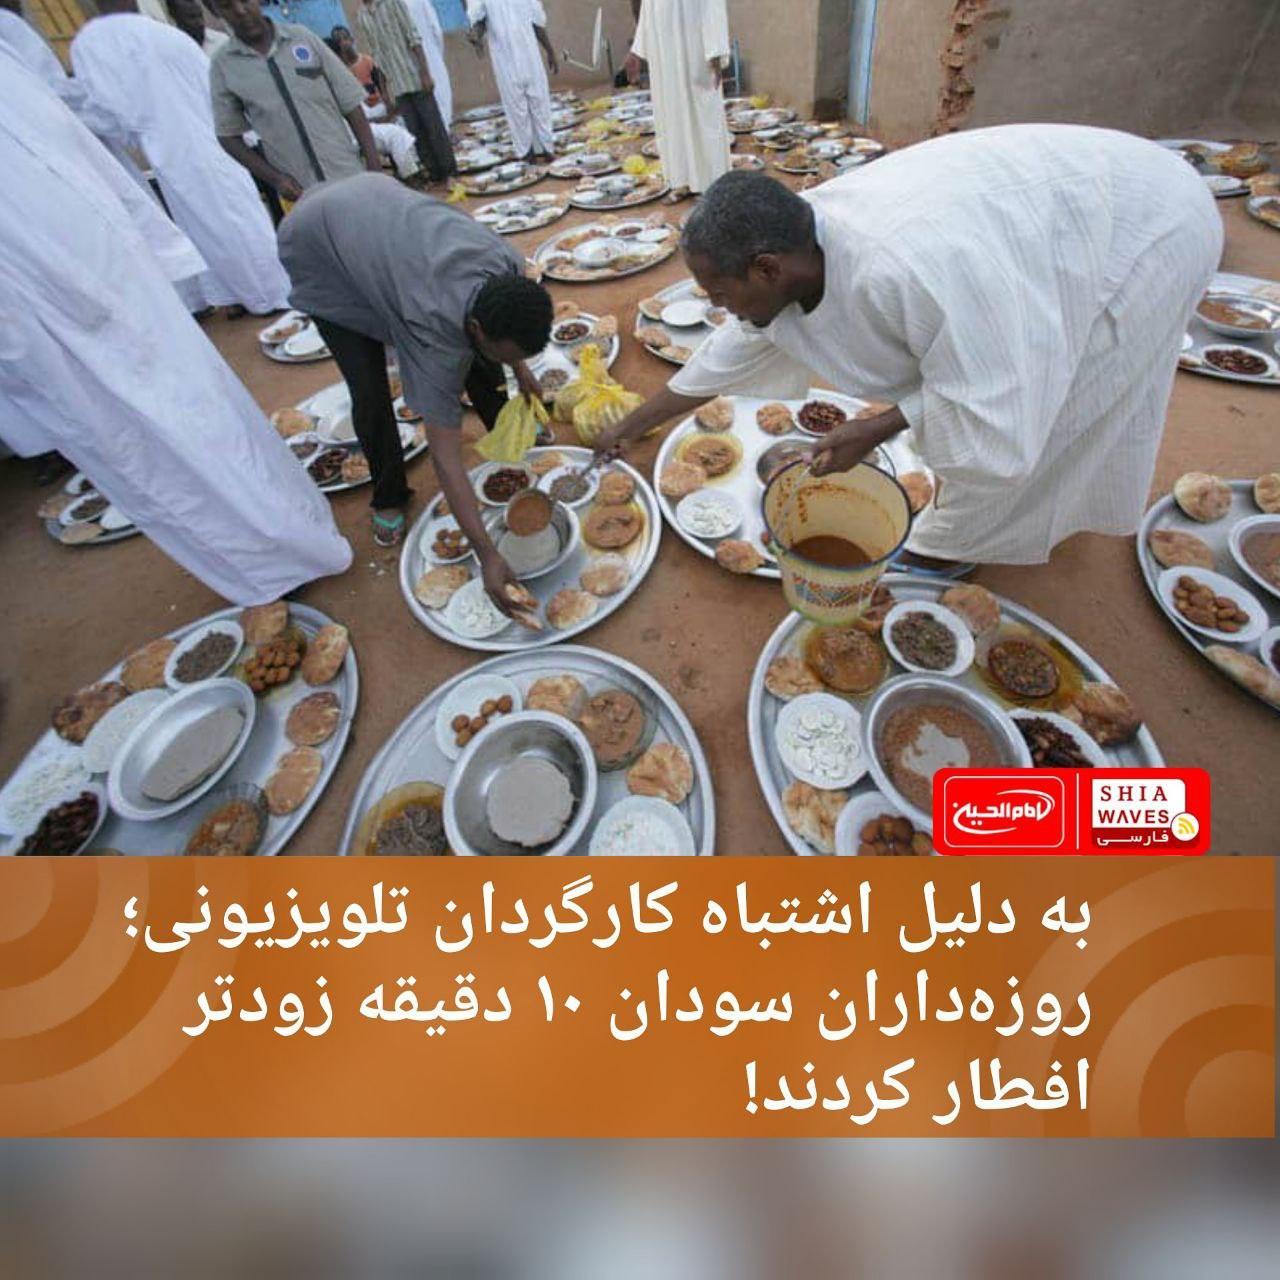 تصویر به دلیل اشتباه کارگردان تلویزیونی؛ روزهداران سودان ۱۰ دقیقه زودتر افطار کردند!